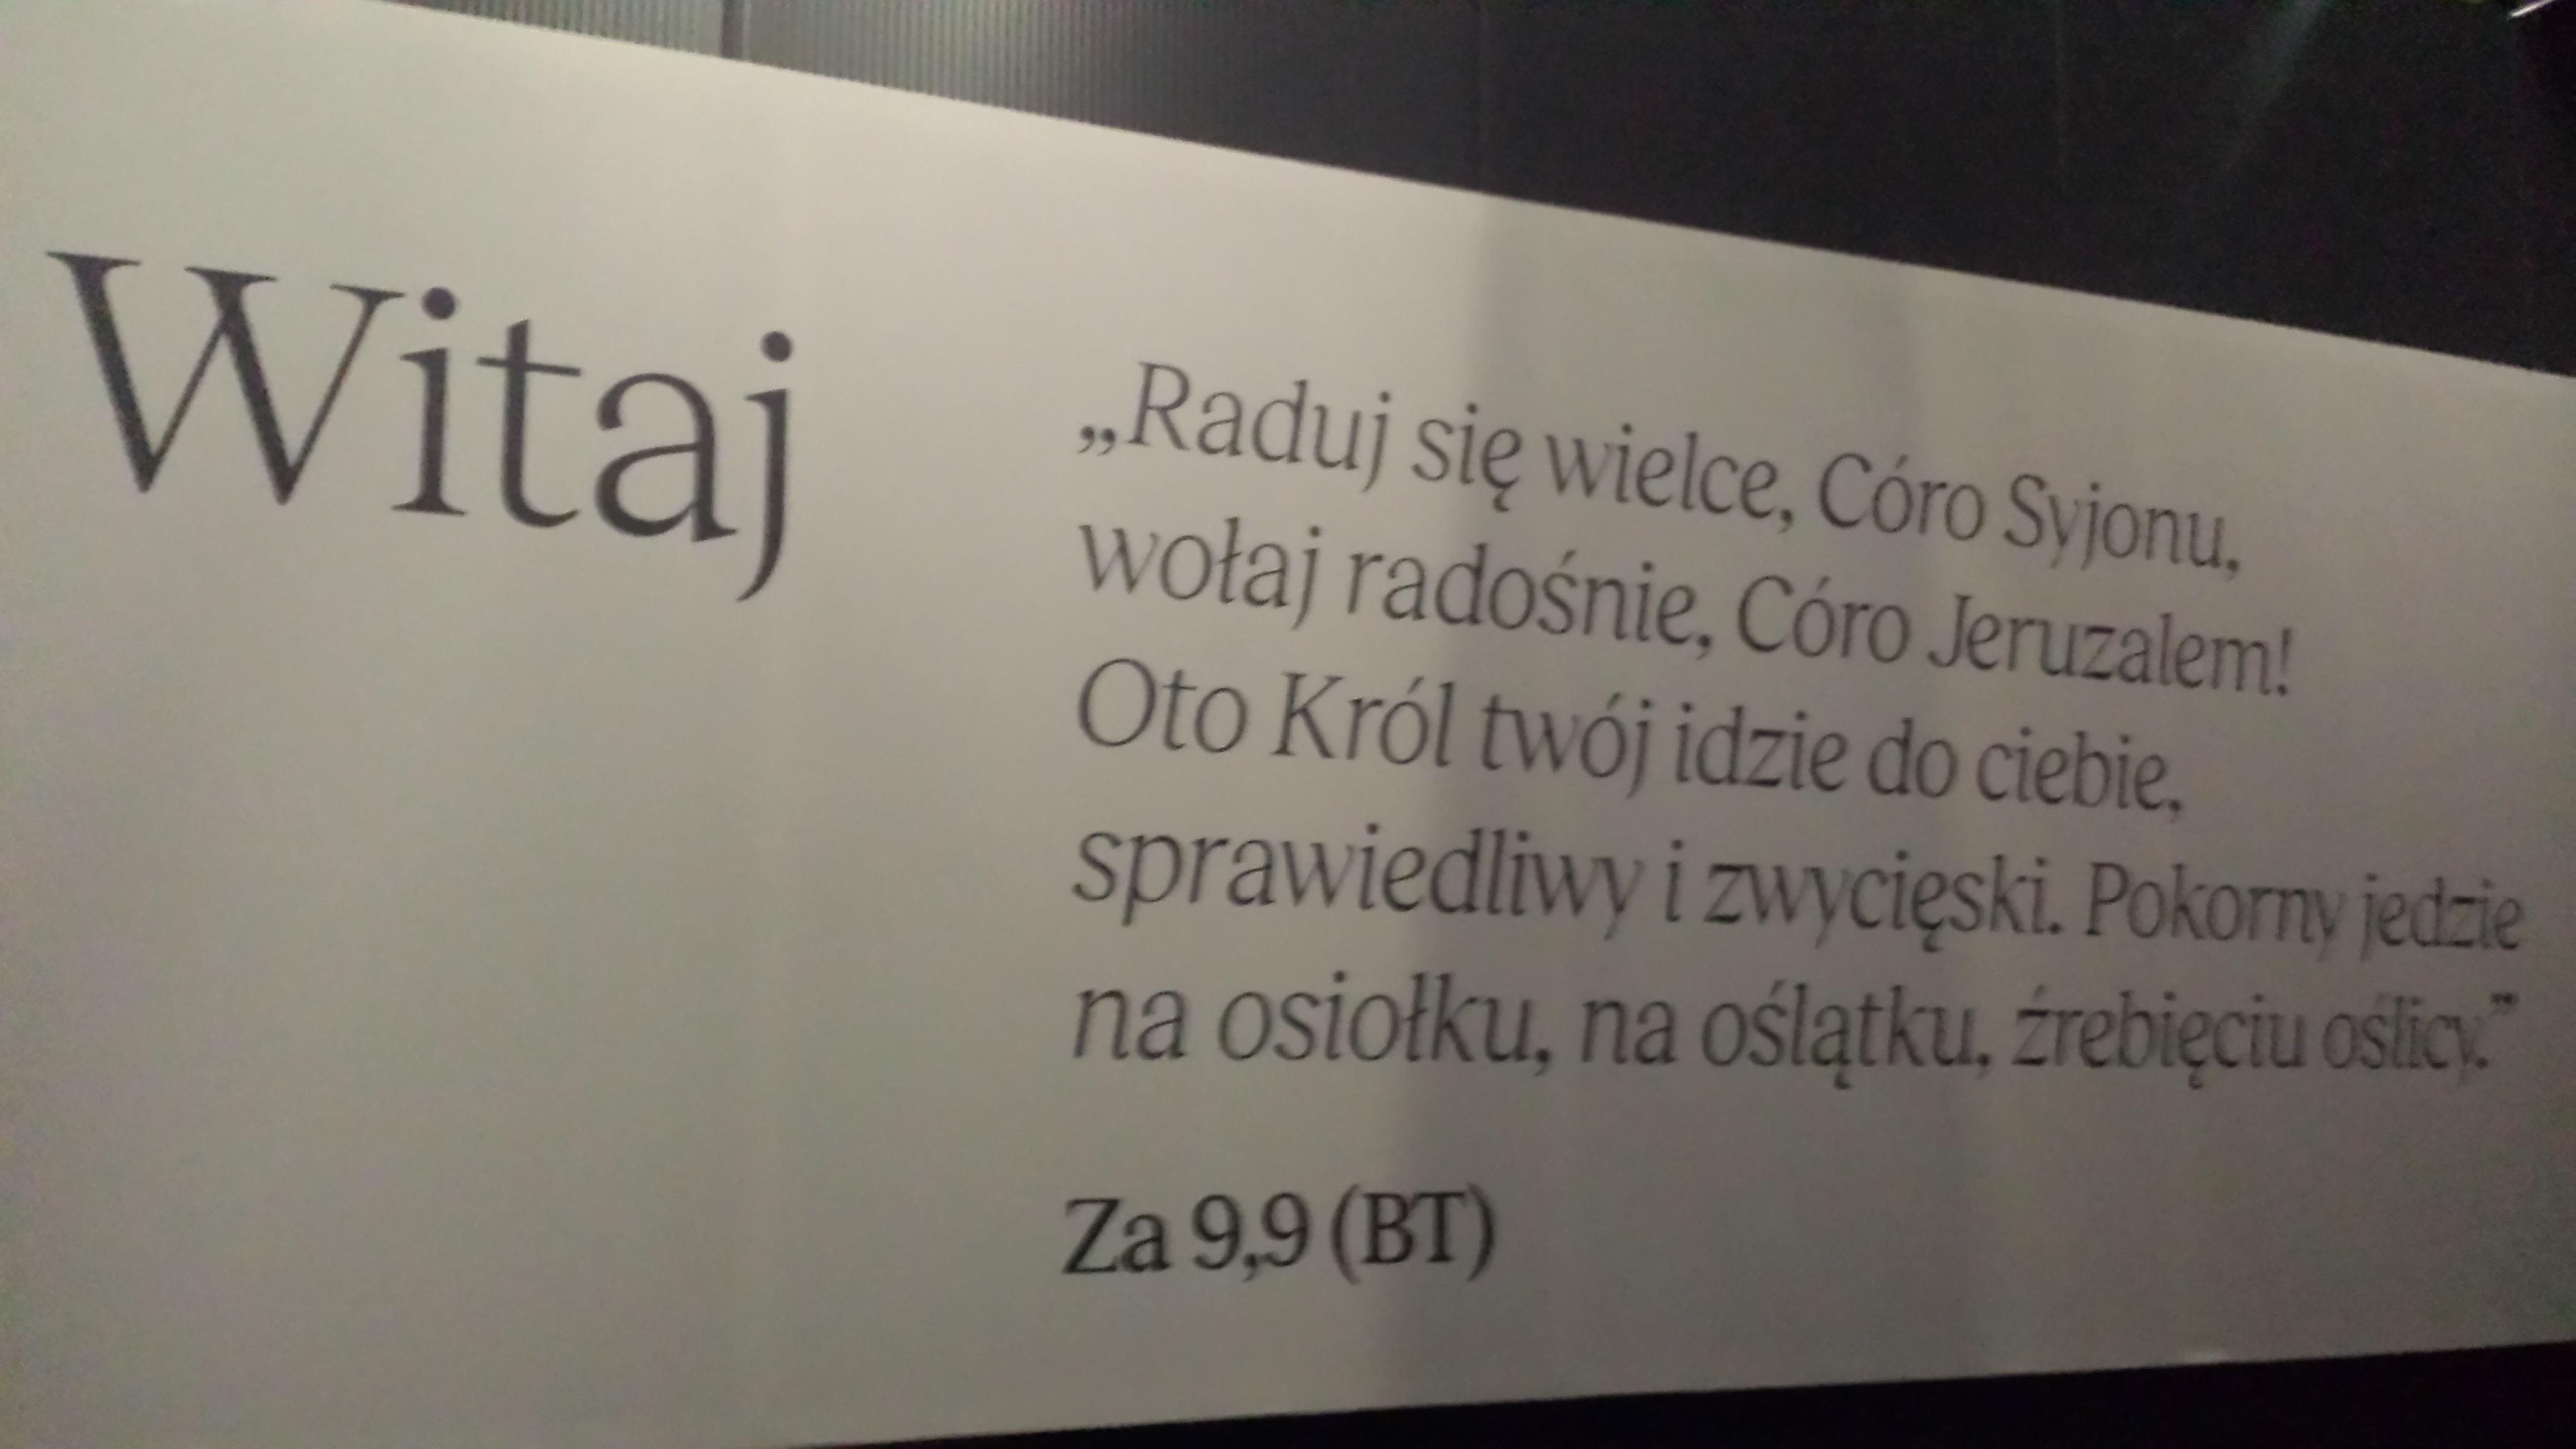 """Step in Warsaw - Stadtführerin in Warschau. Die multimediale Sonderausstellung """"Auf den Spuren von Jesus"""" in der Nähe von dem Tempel der Göttlichen Vorsehung. Willkommen! Warschau, April 2019."""